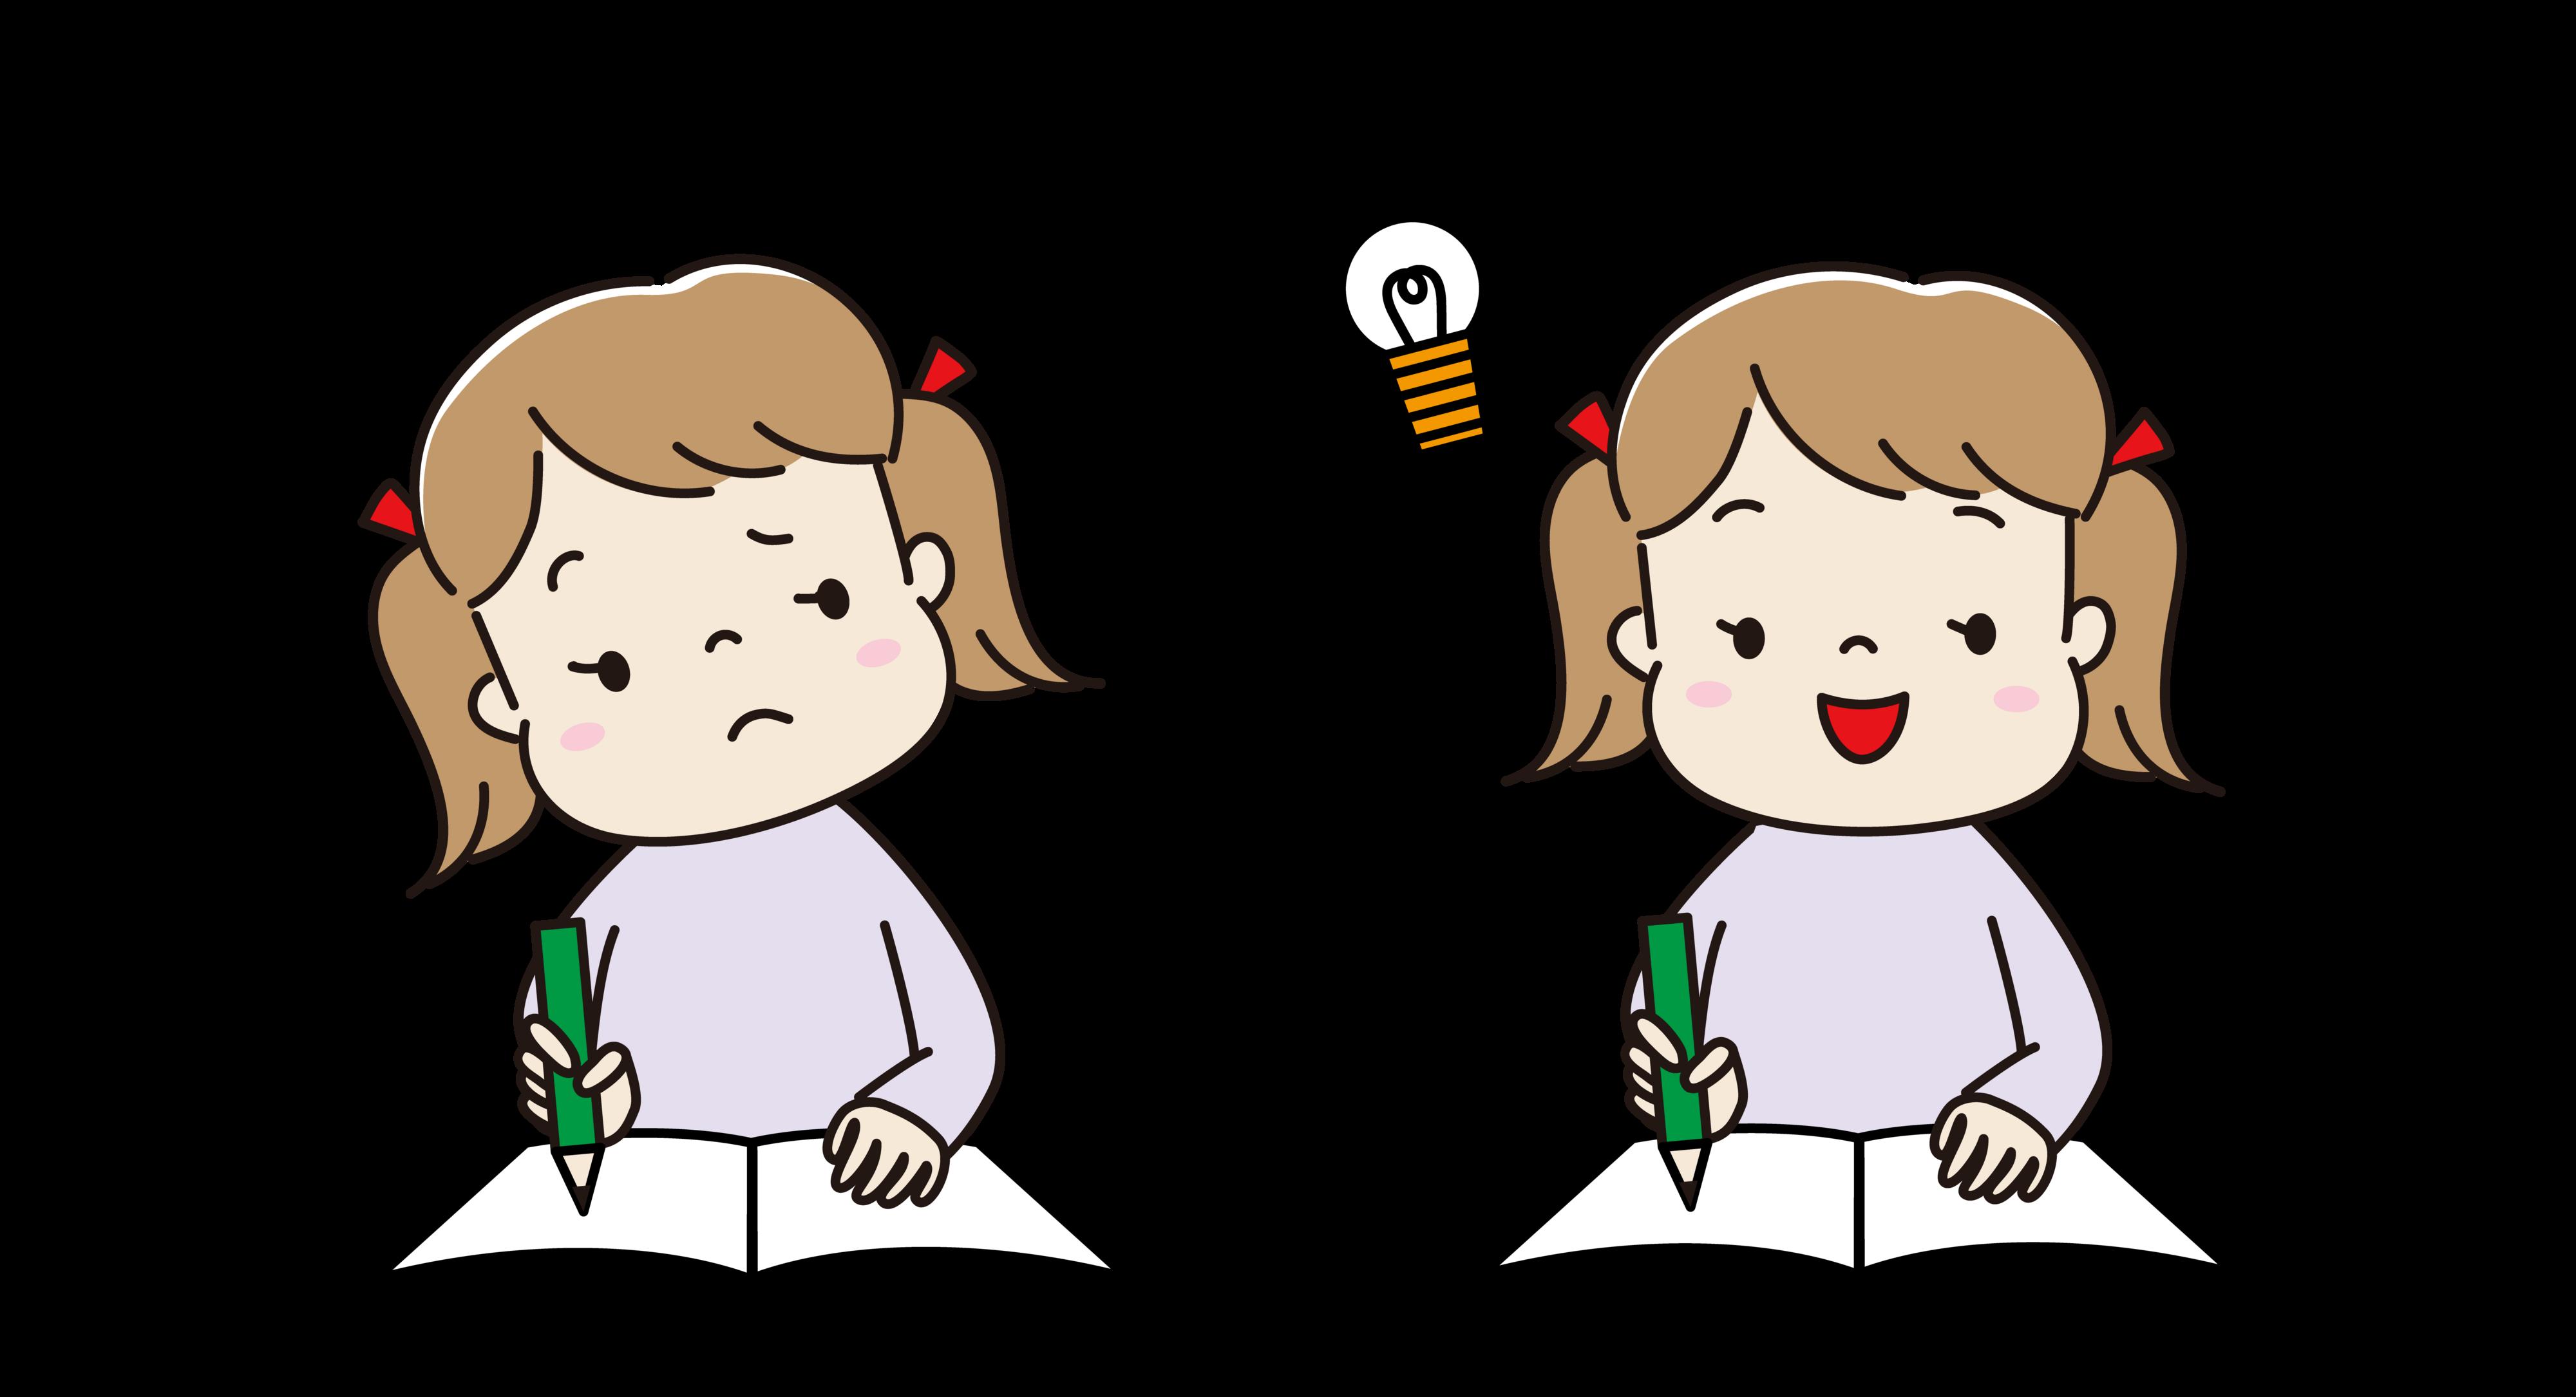 理解度_勉強